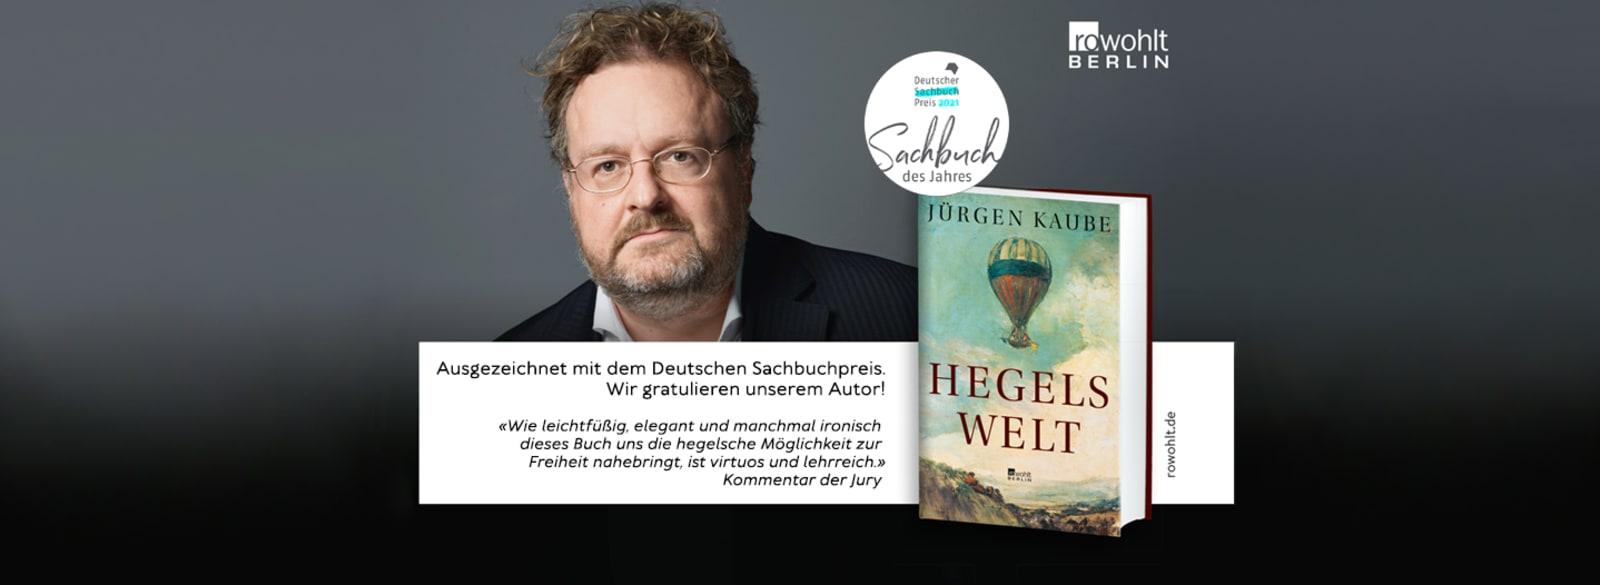 """Jürgen Kaube gewinnt mit """"Hegels Welt"""" den Deutschen Sachbuchpreis"""